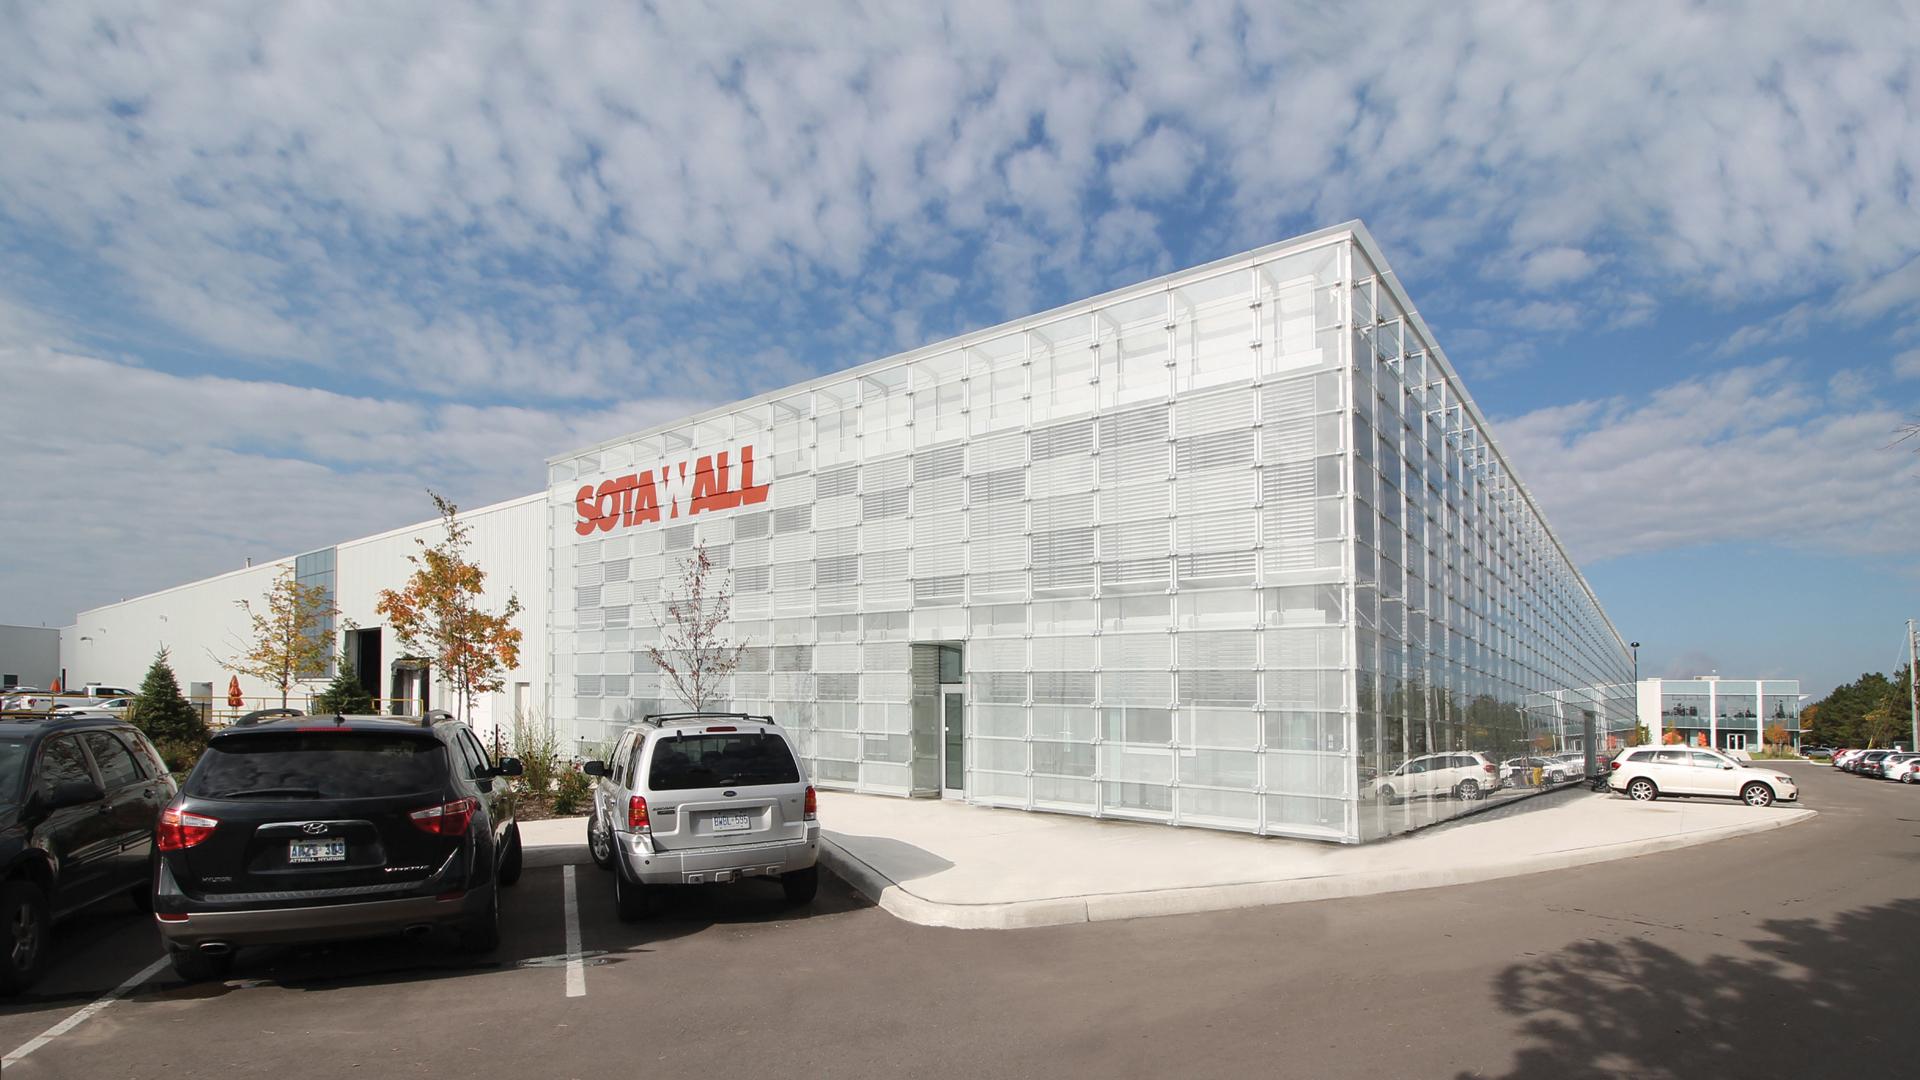 SOTAWALL Campus